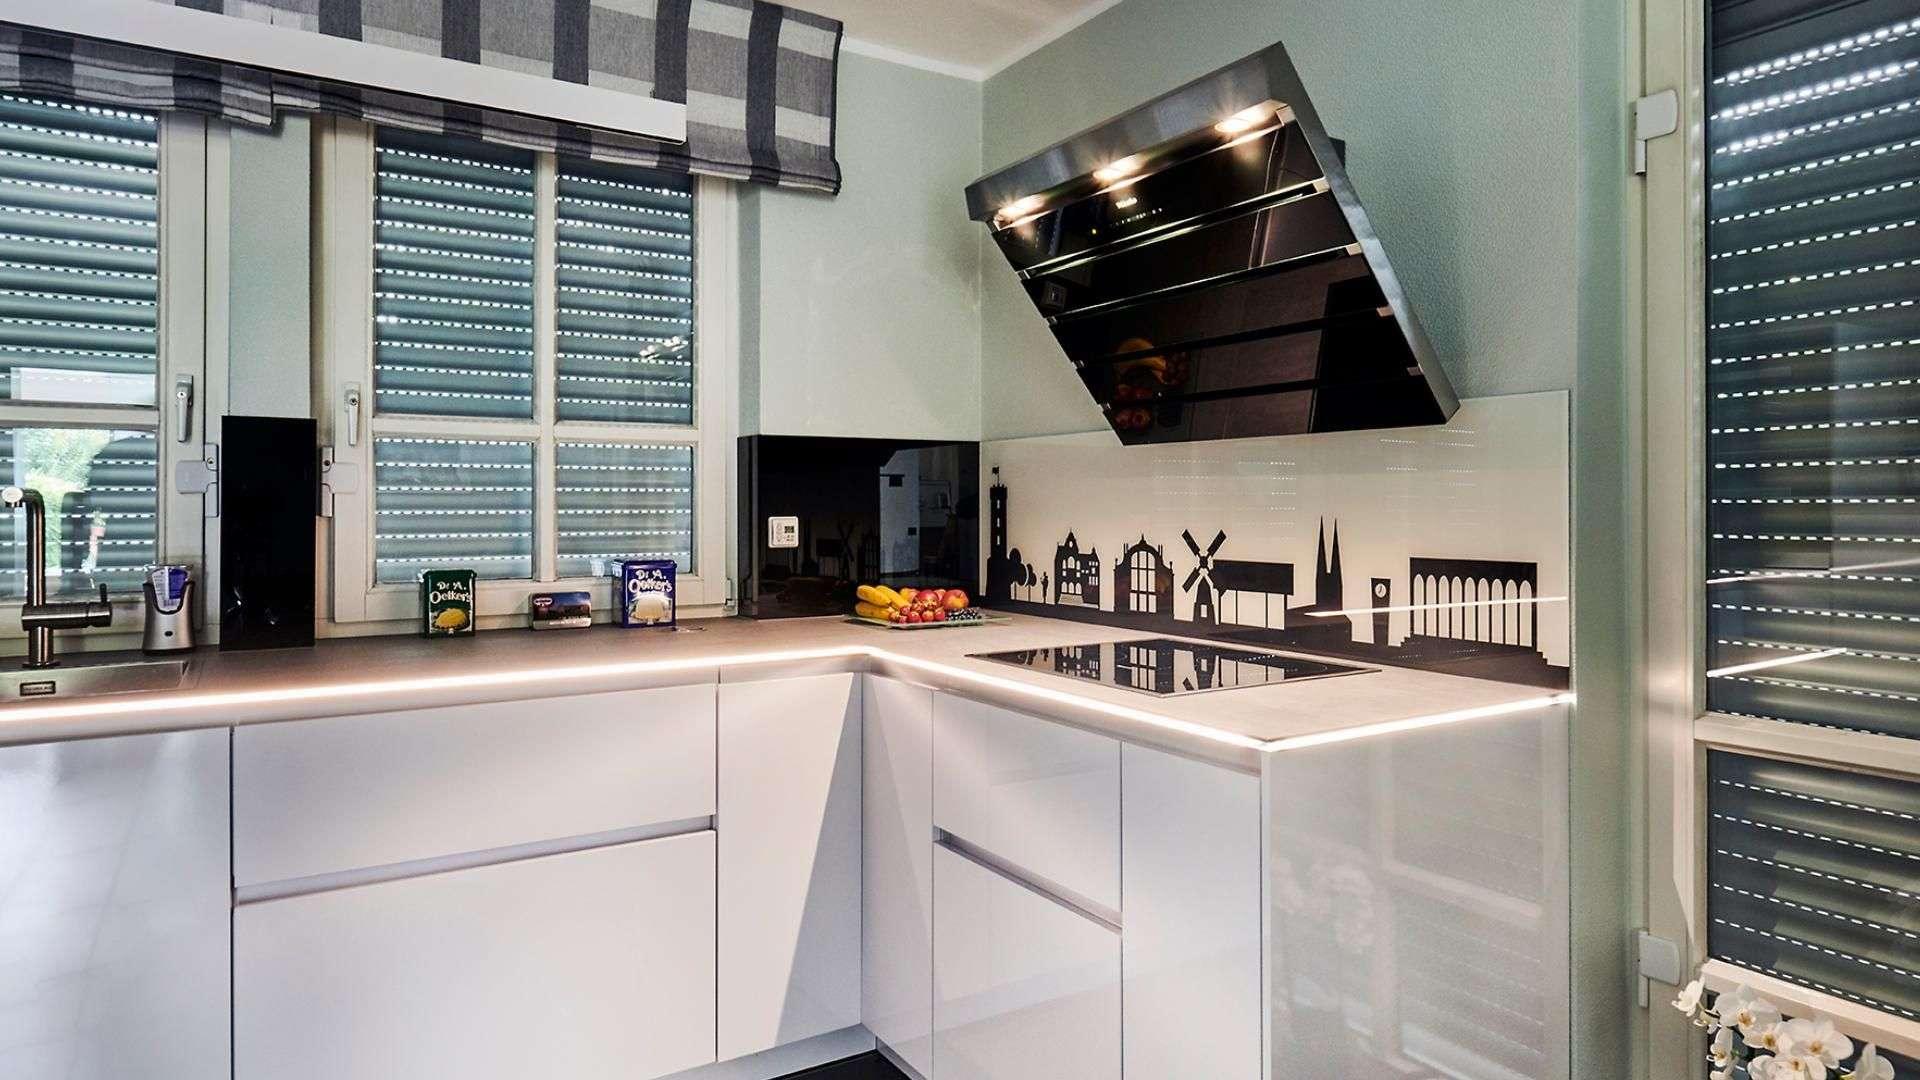 Küche mit beleuchteter Arbeitsplatte und Glasrückwand als Spritzschutz